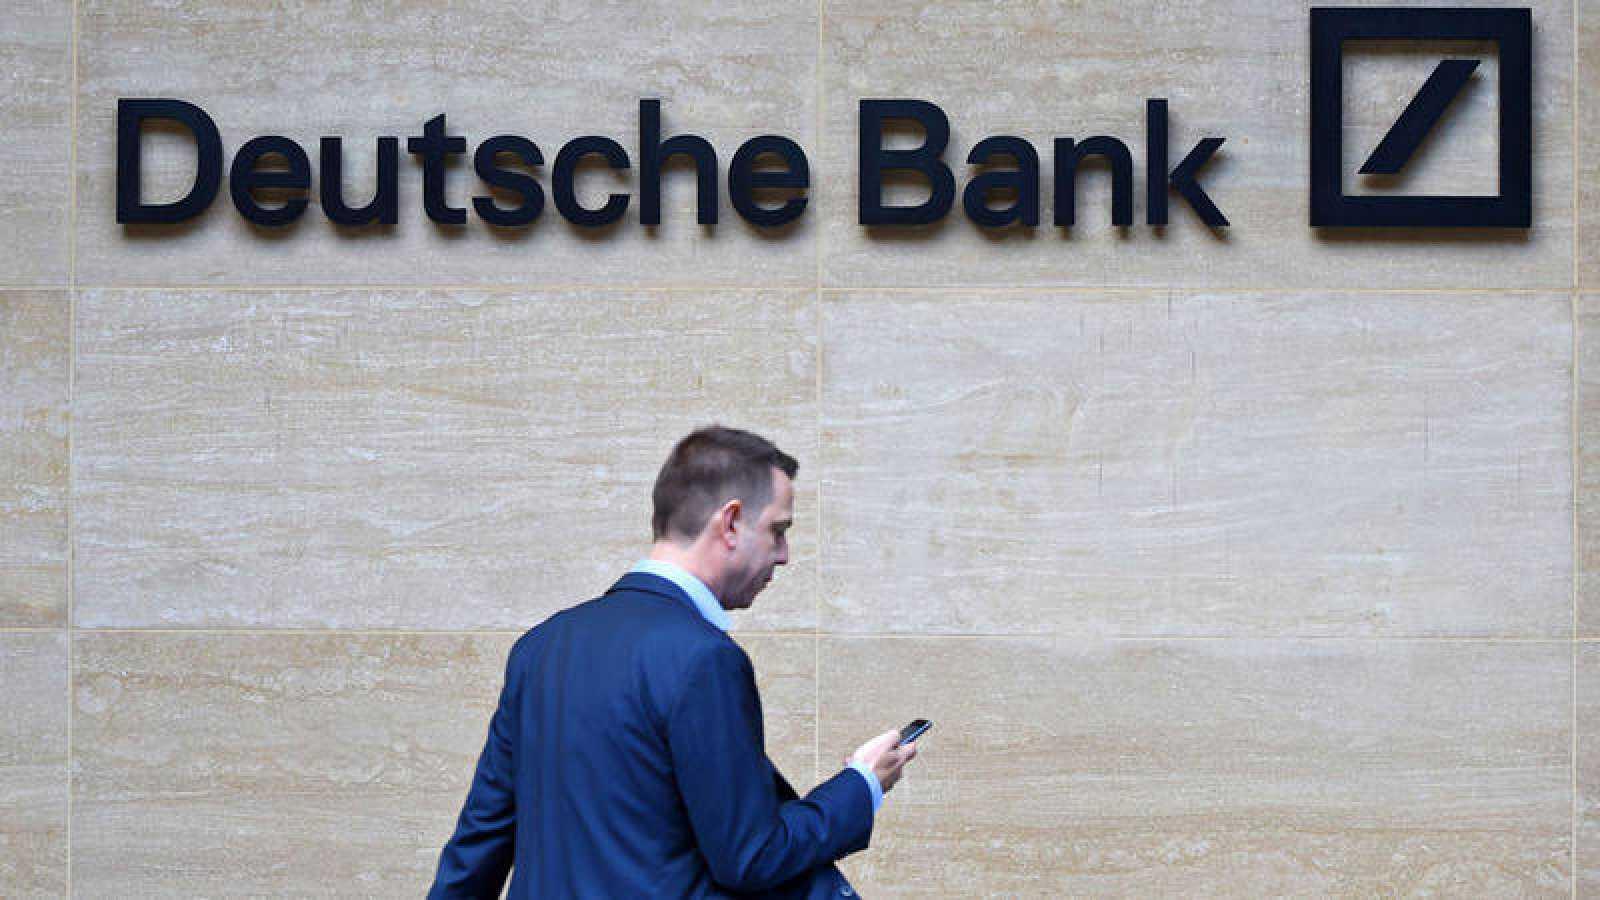 Deutsche Bank cree que las monedas digitales emitidas por bancos centrales reemplazarán al efectivo